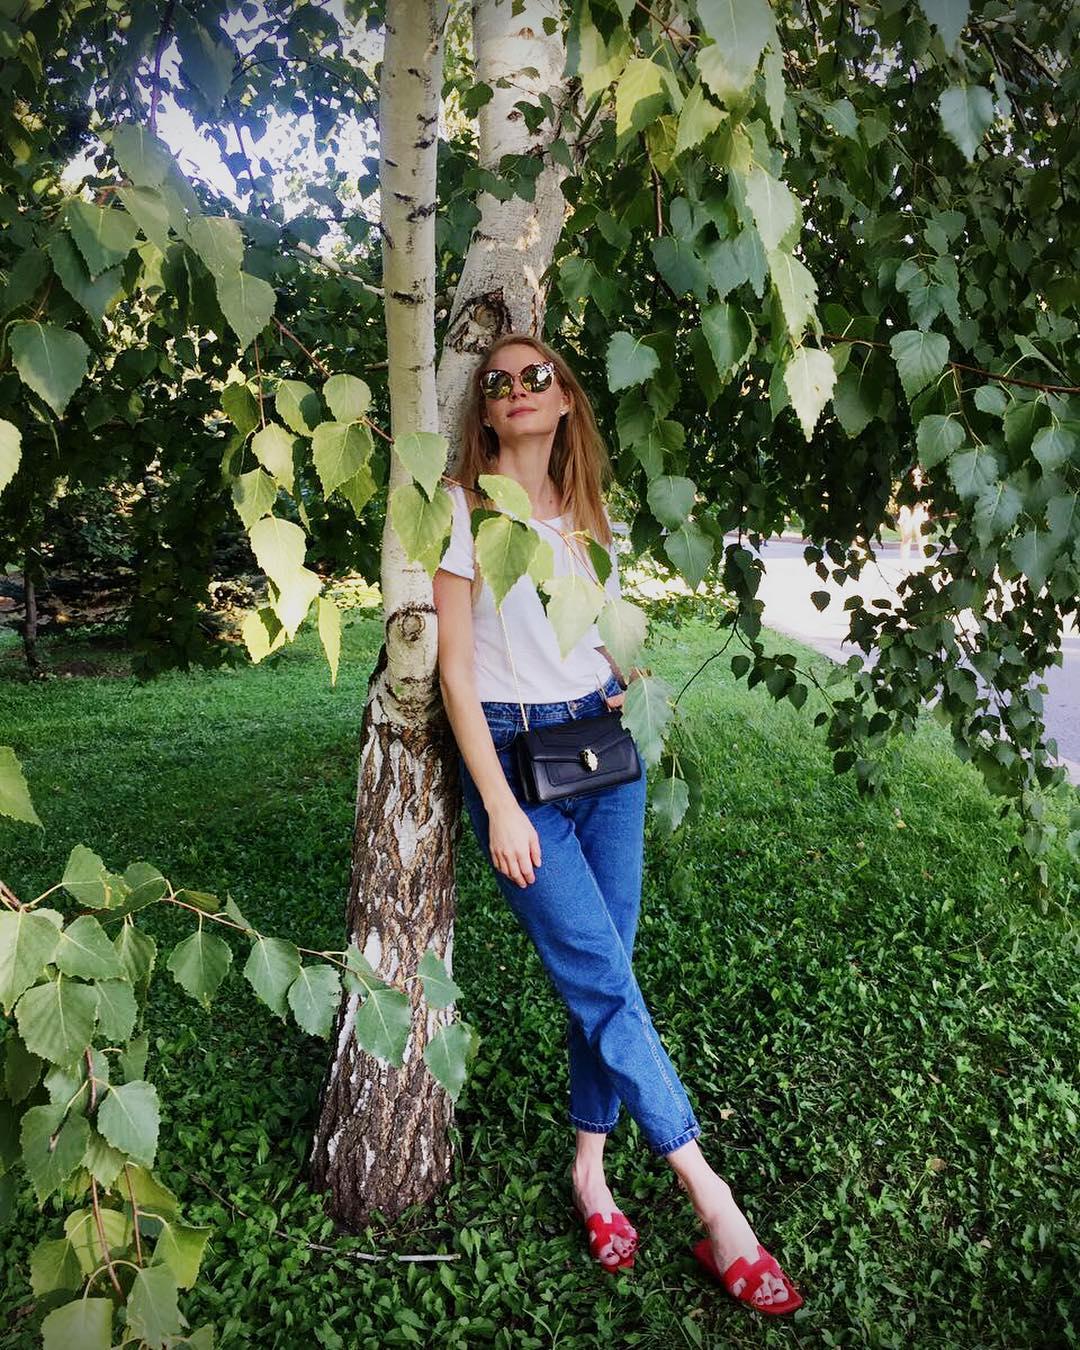 Светлана Ходченкова предпочитает отдых в одиночестве